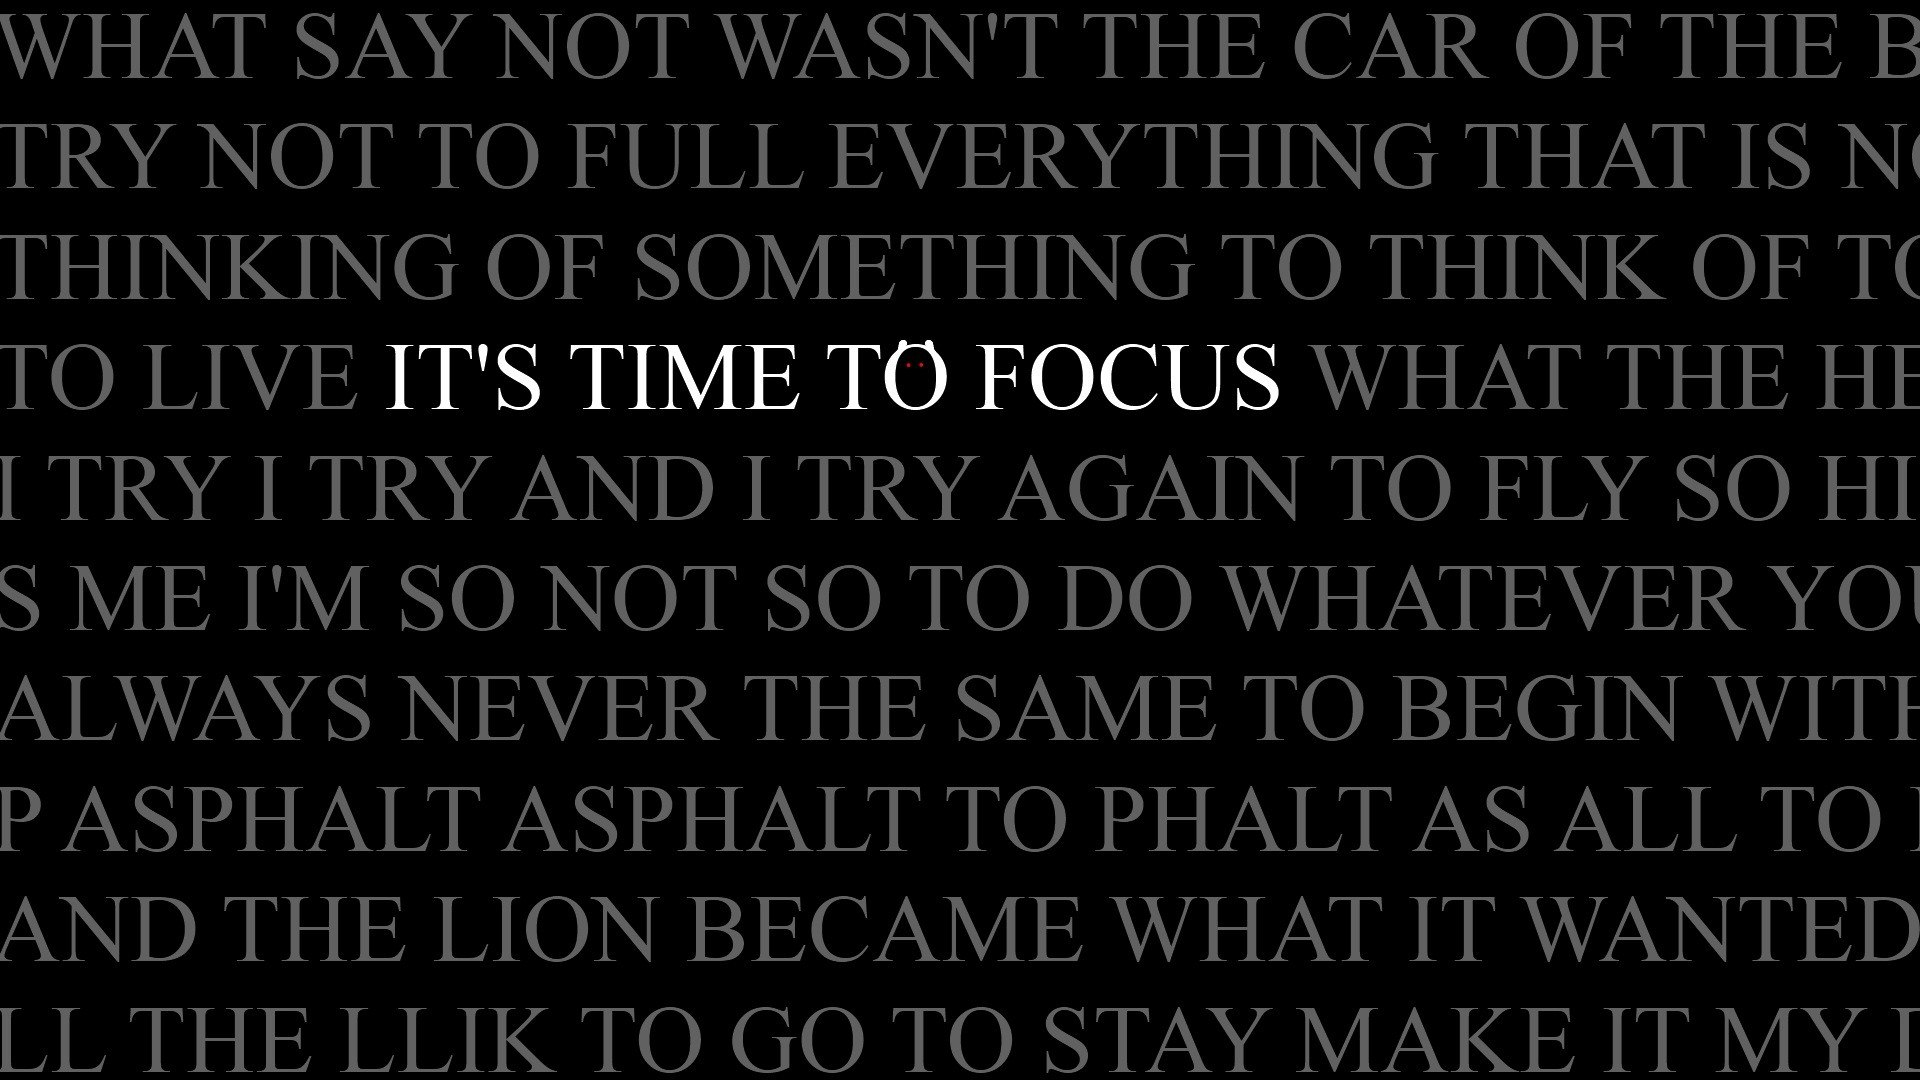 Kevin Durant Wallpaper Quotes Focus Wallpaper 1920x1080 75887